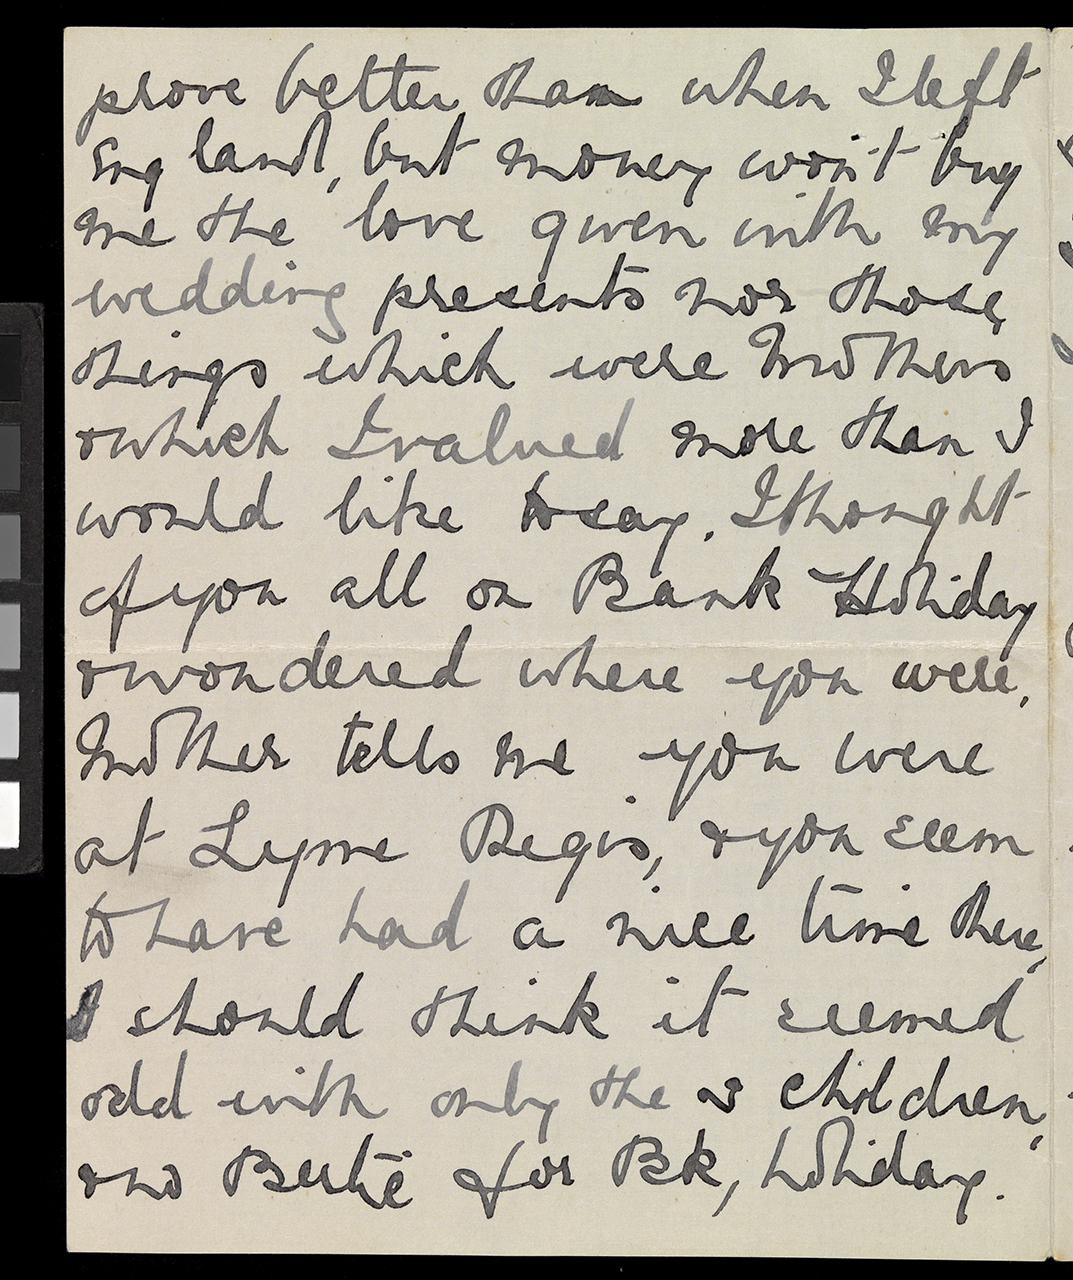 Απόσπασμα από το γράμμα της Μαριόν